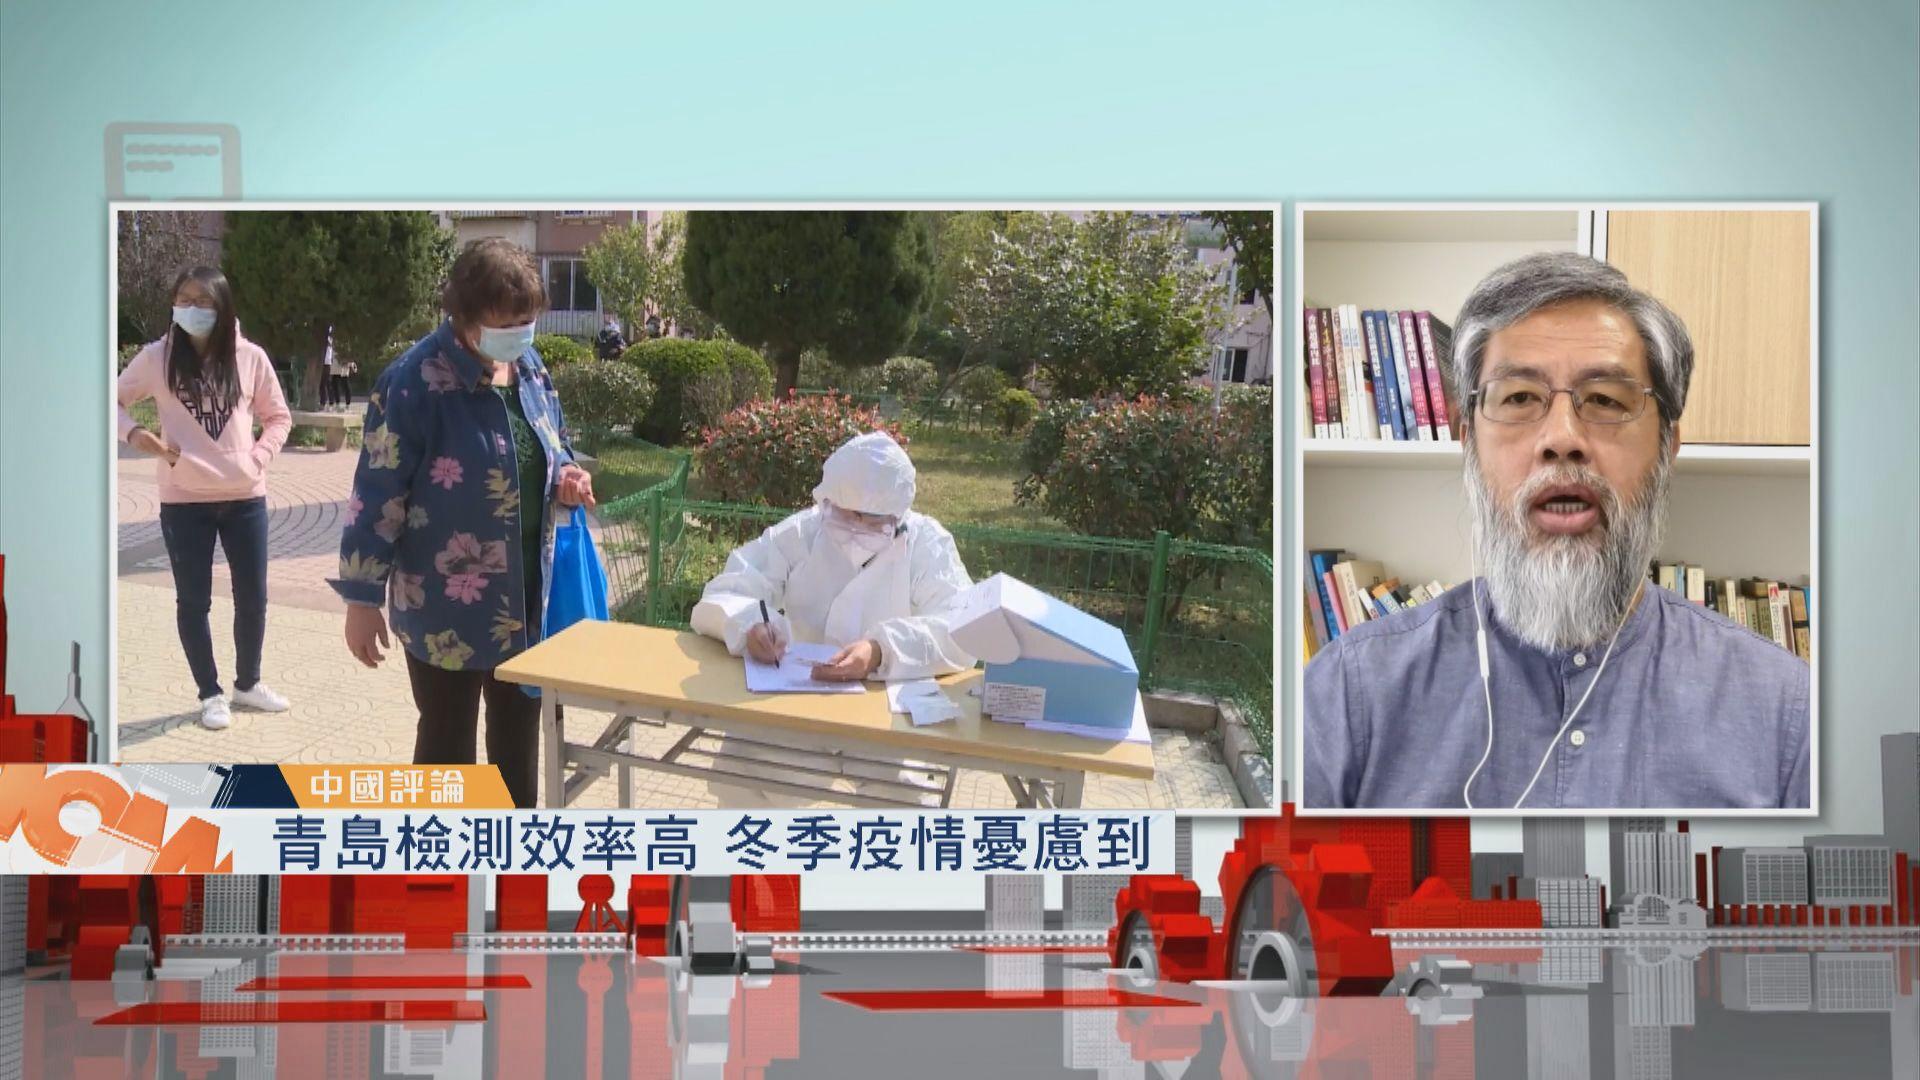 【中國評論】青島疫情/扶貧最後一公里